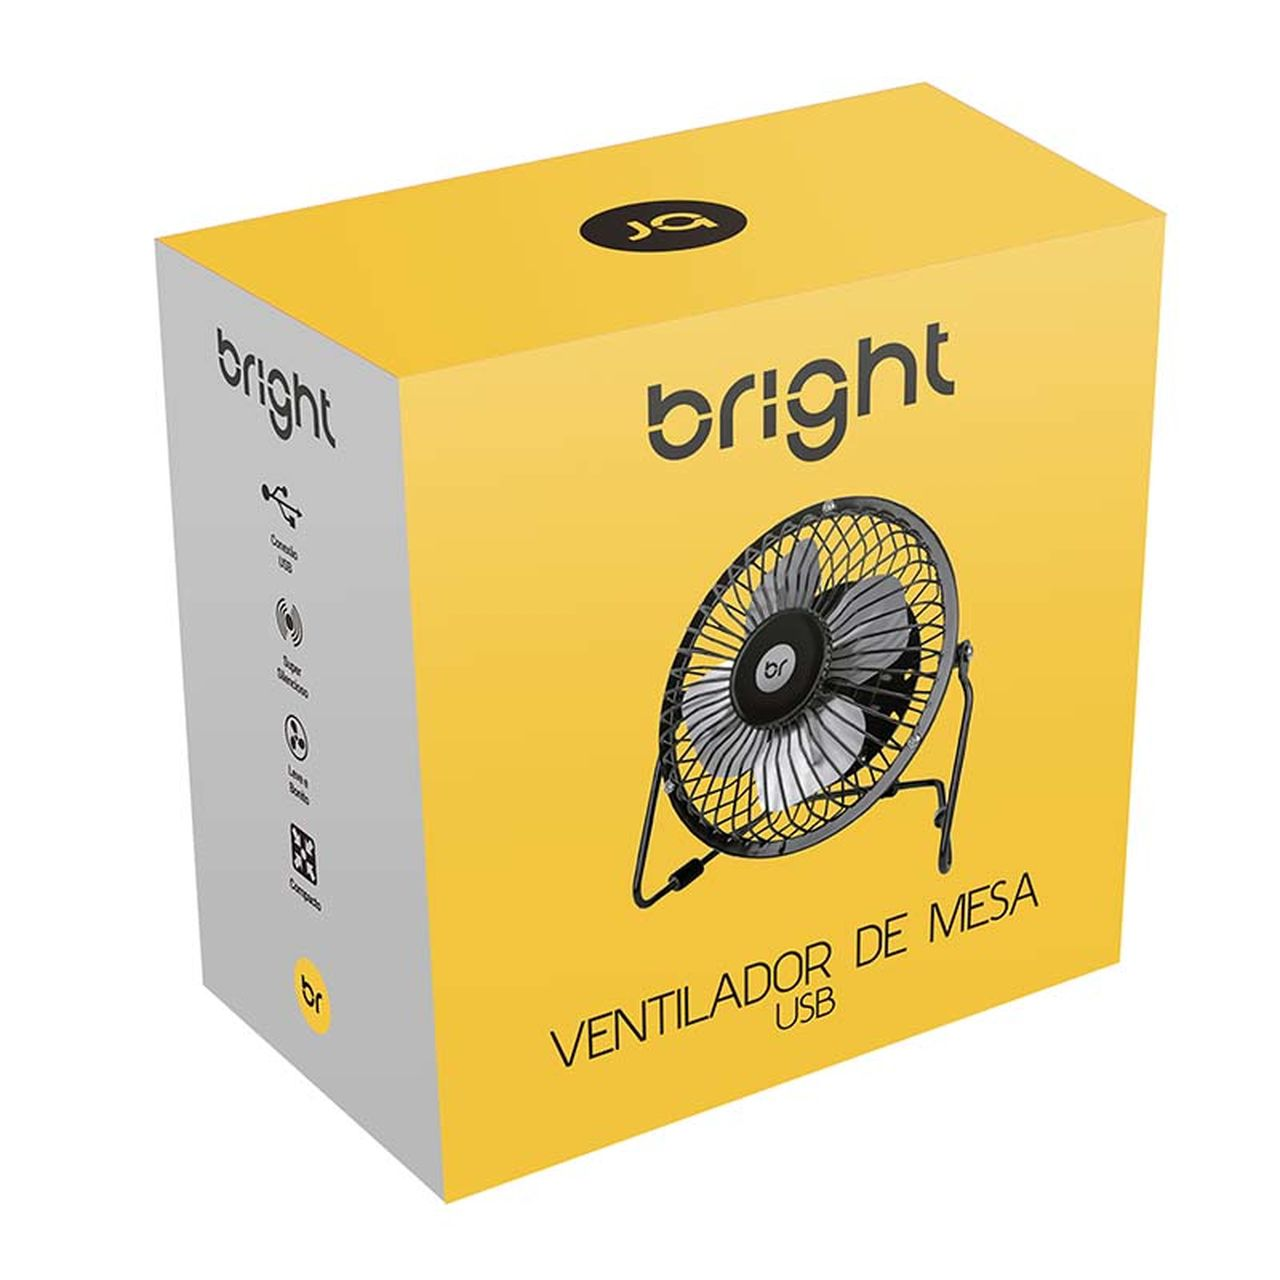 Mini Ventilador USB com design silencioso 336 - Bright